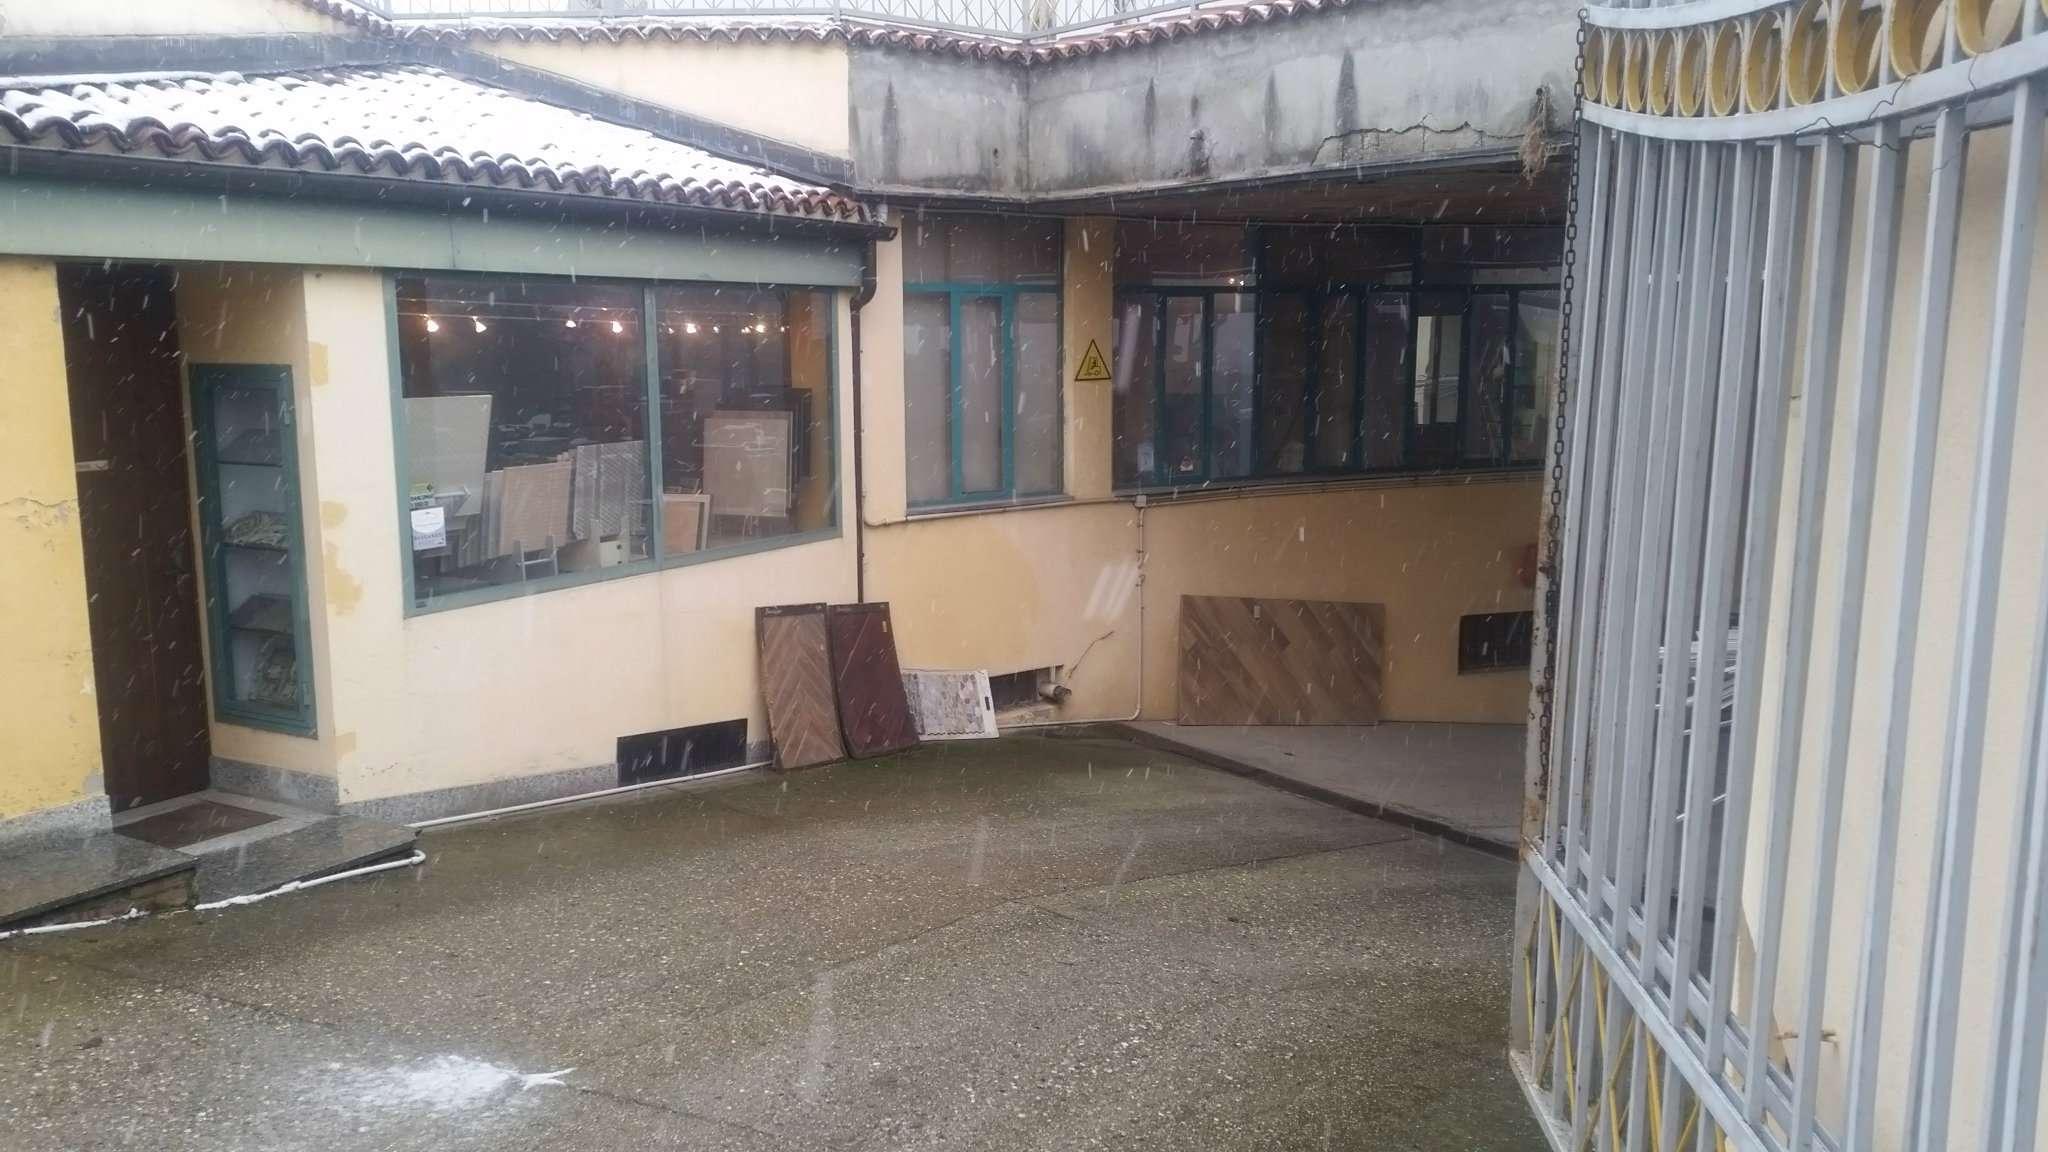 Magazzino in vendita a Pecetto Torinese, 9999 locali, prezzo € 189.000 | CambioCasa.it